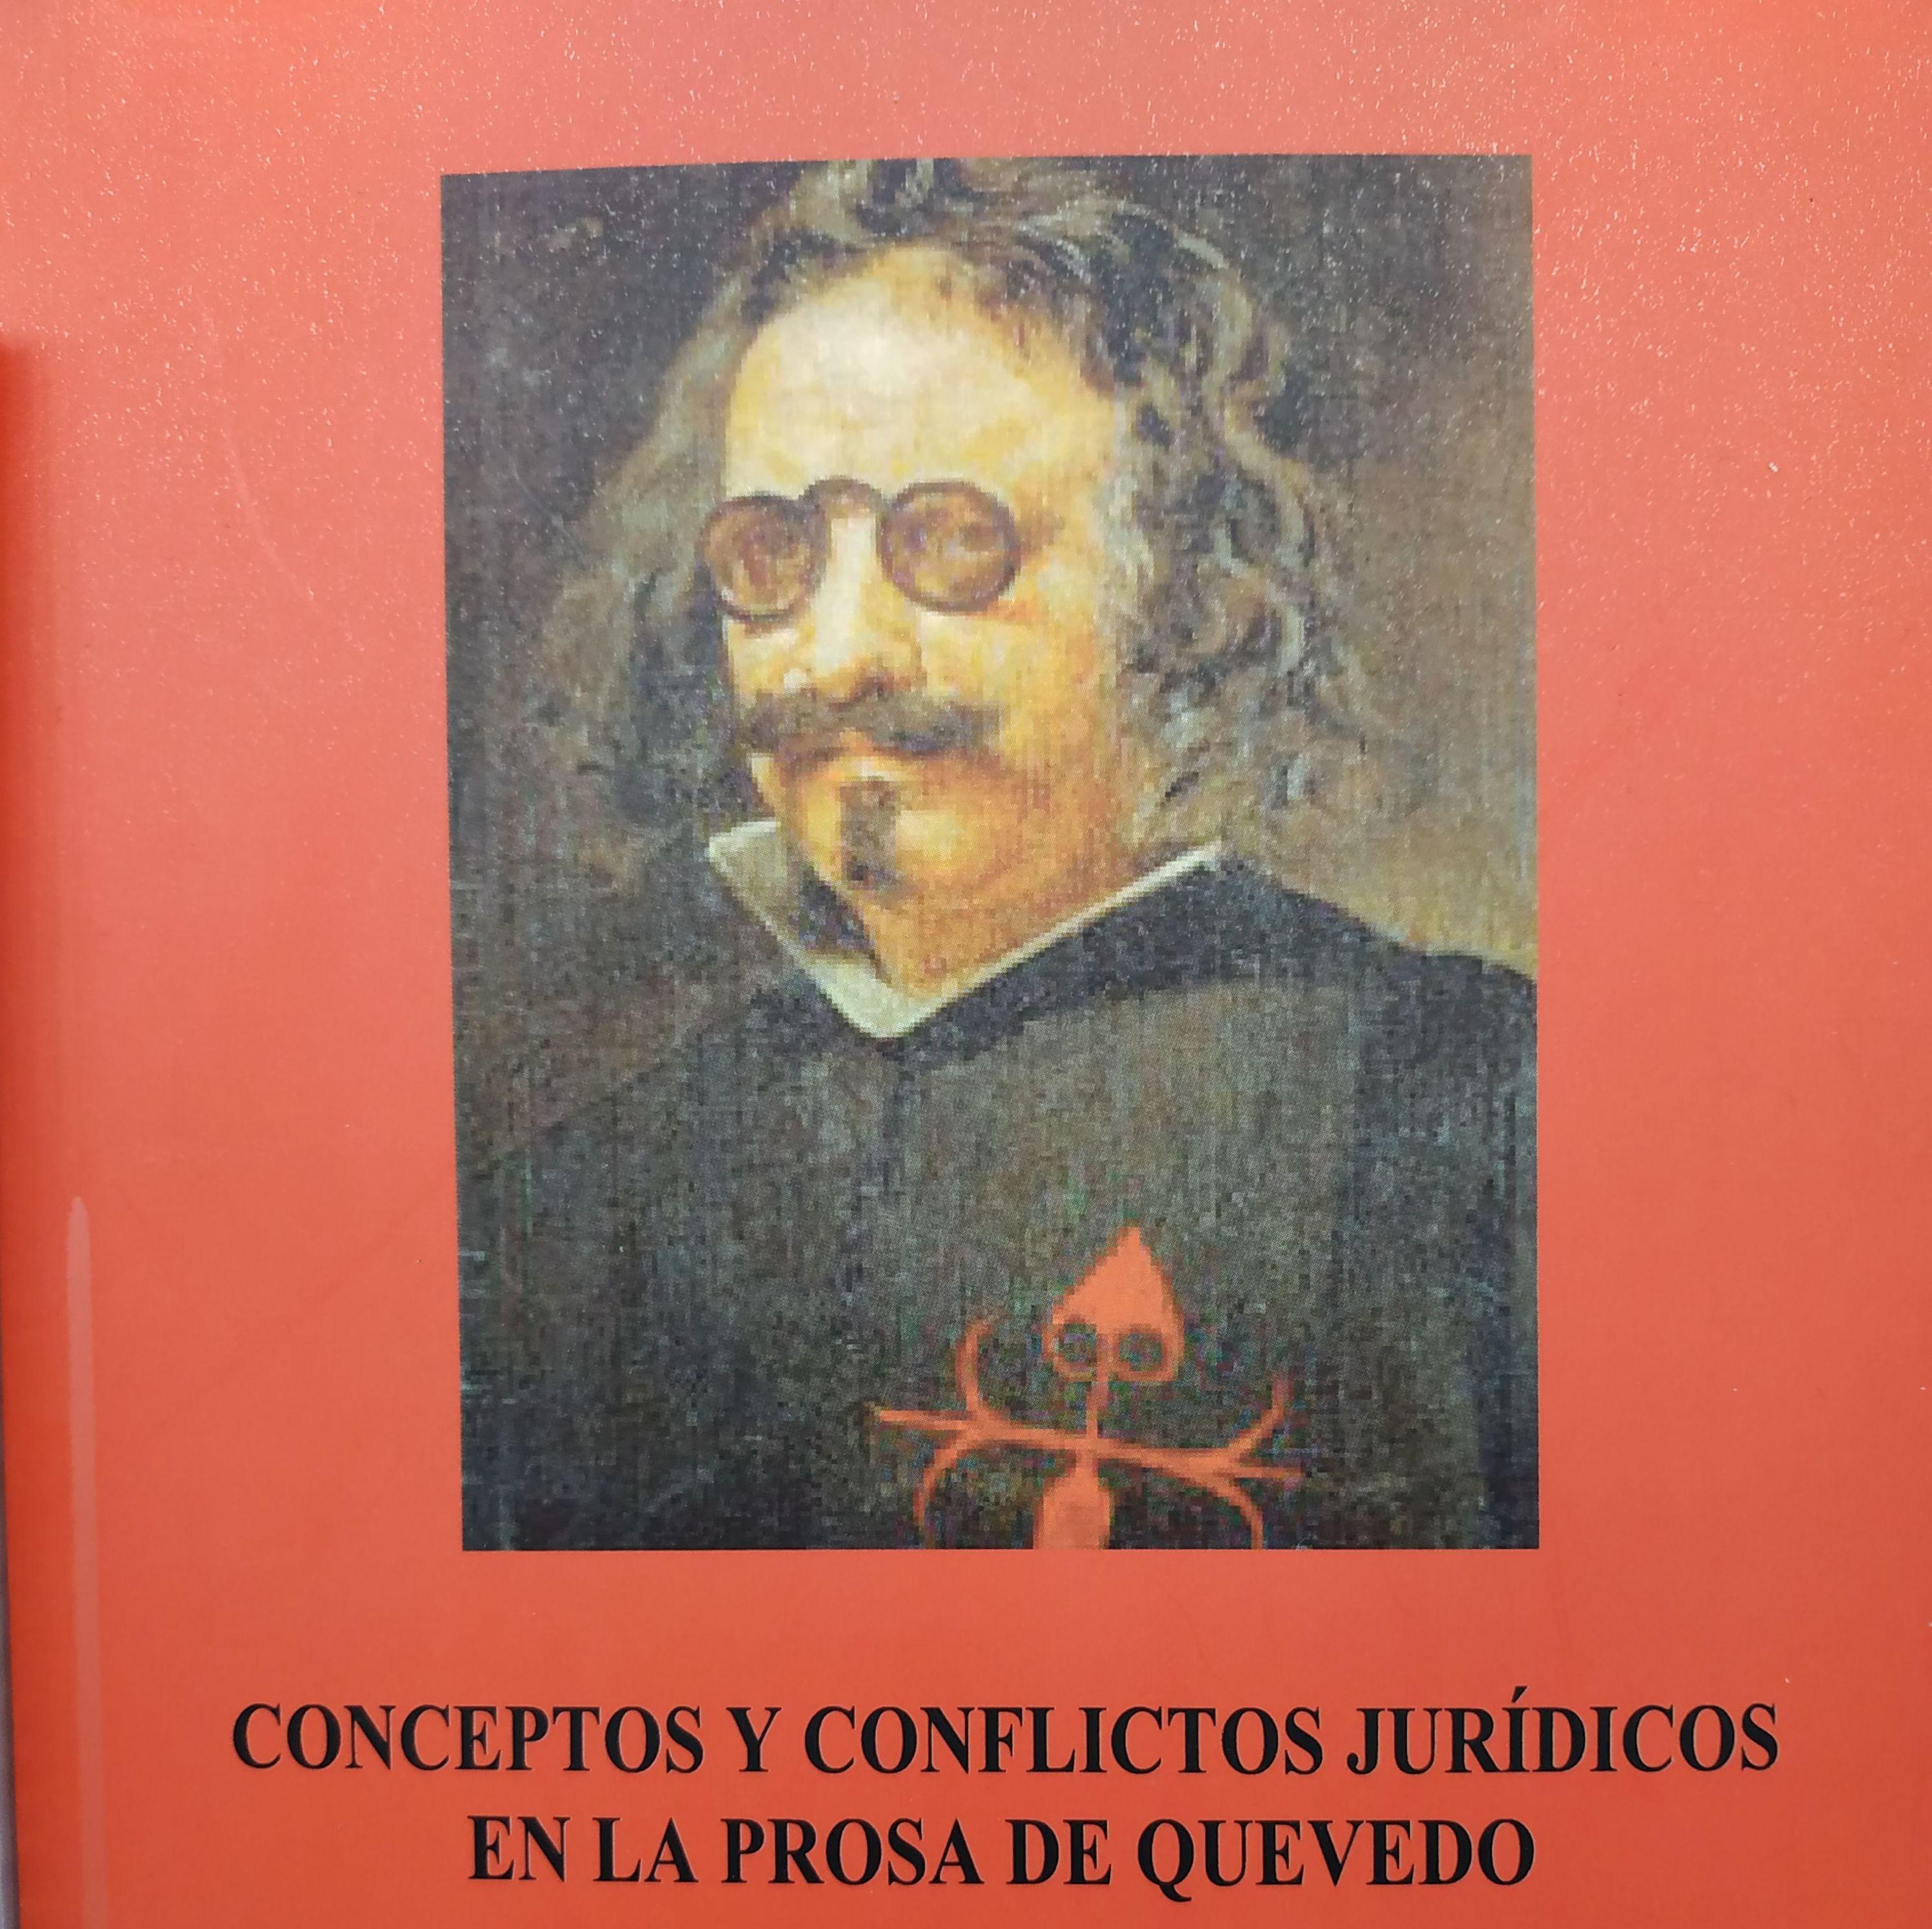 CONCEPTOS Y CONFLICTOS JURÍDICOS EN LA PROSA DE QUEVEDO : SECCIONES de Librería Nueva Plaza Universitaria